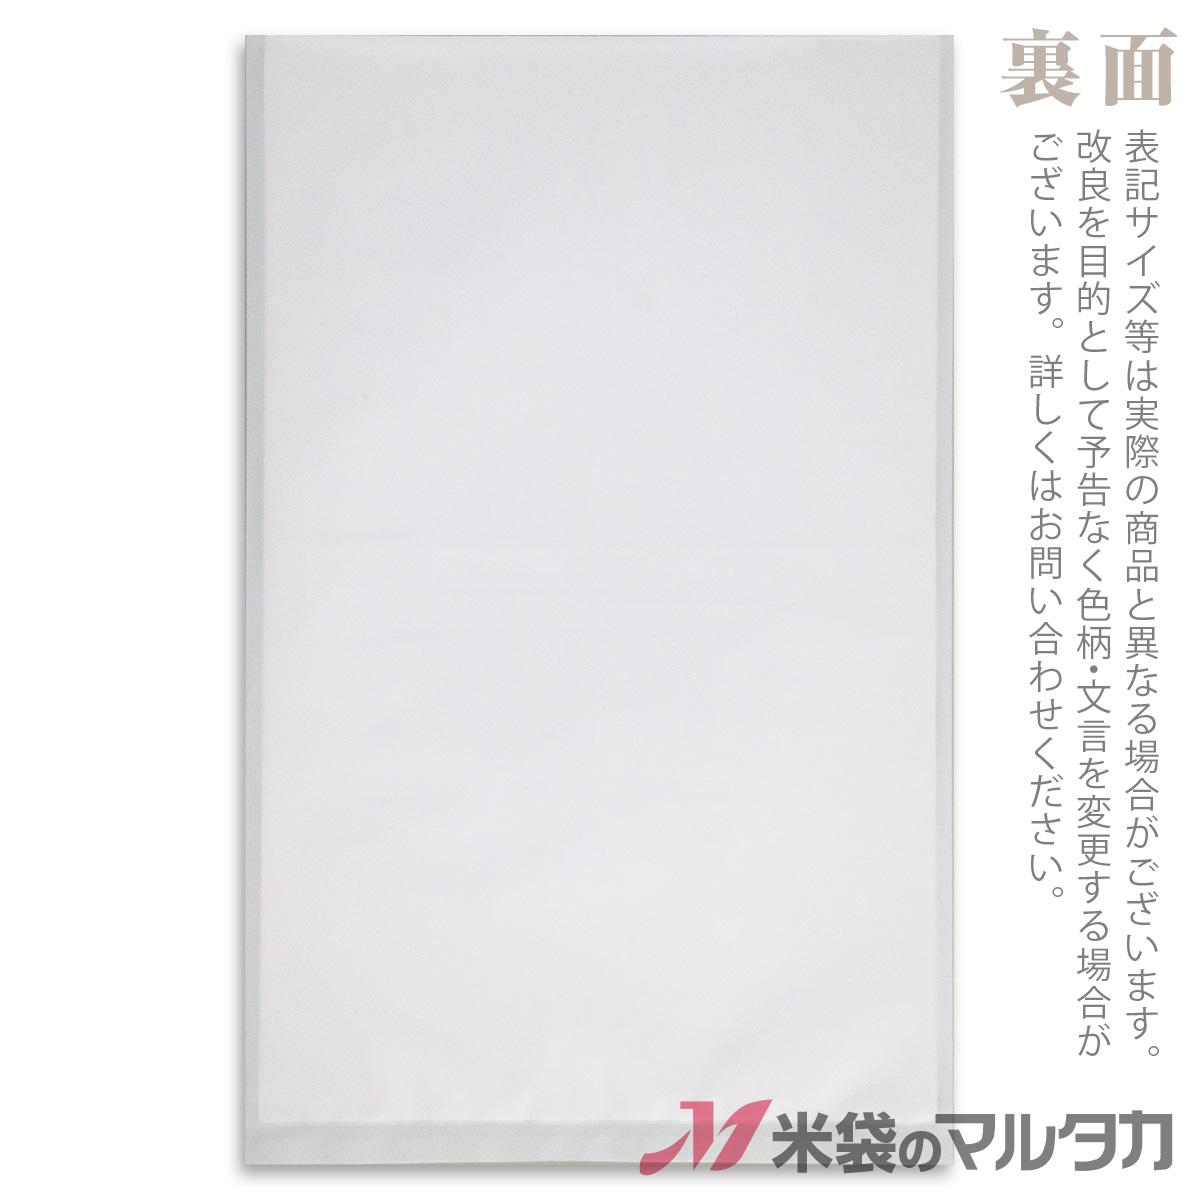 米袋 バイオマスポリ マイクロドット ミルキークイーン まゆ珠 5kg用 1ケース(500枚入) PE-1107